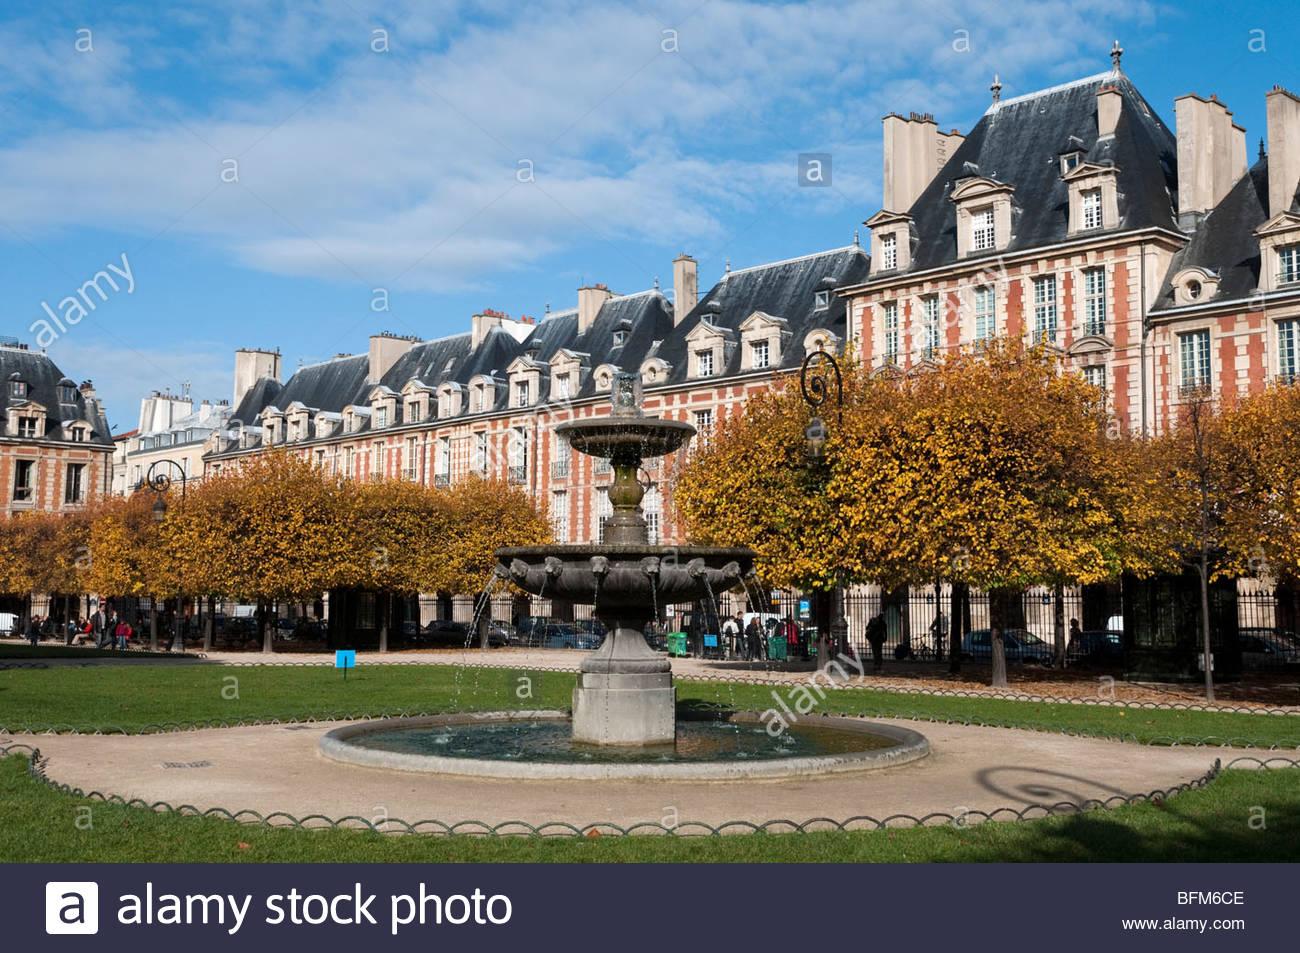 Fountain in Place des Vosges, Le Marais, Paris, France - Stock Image